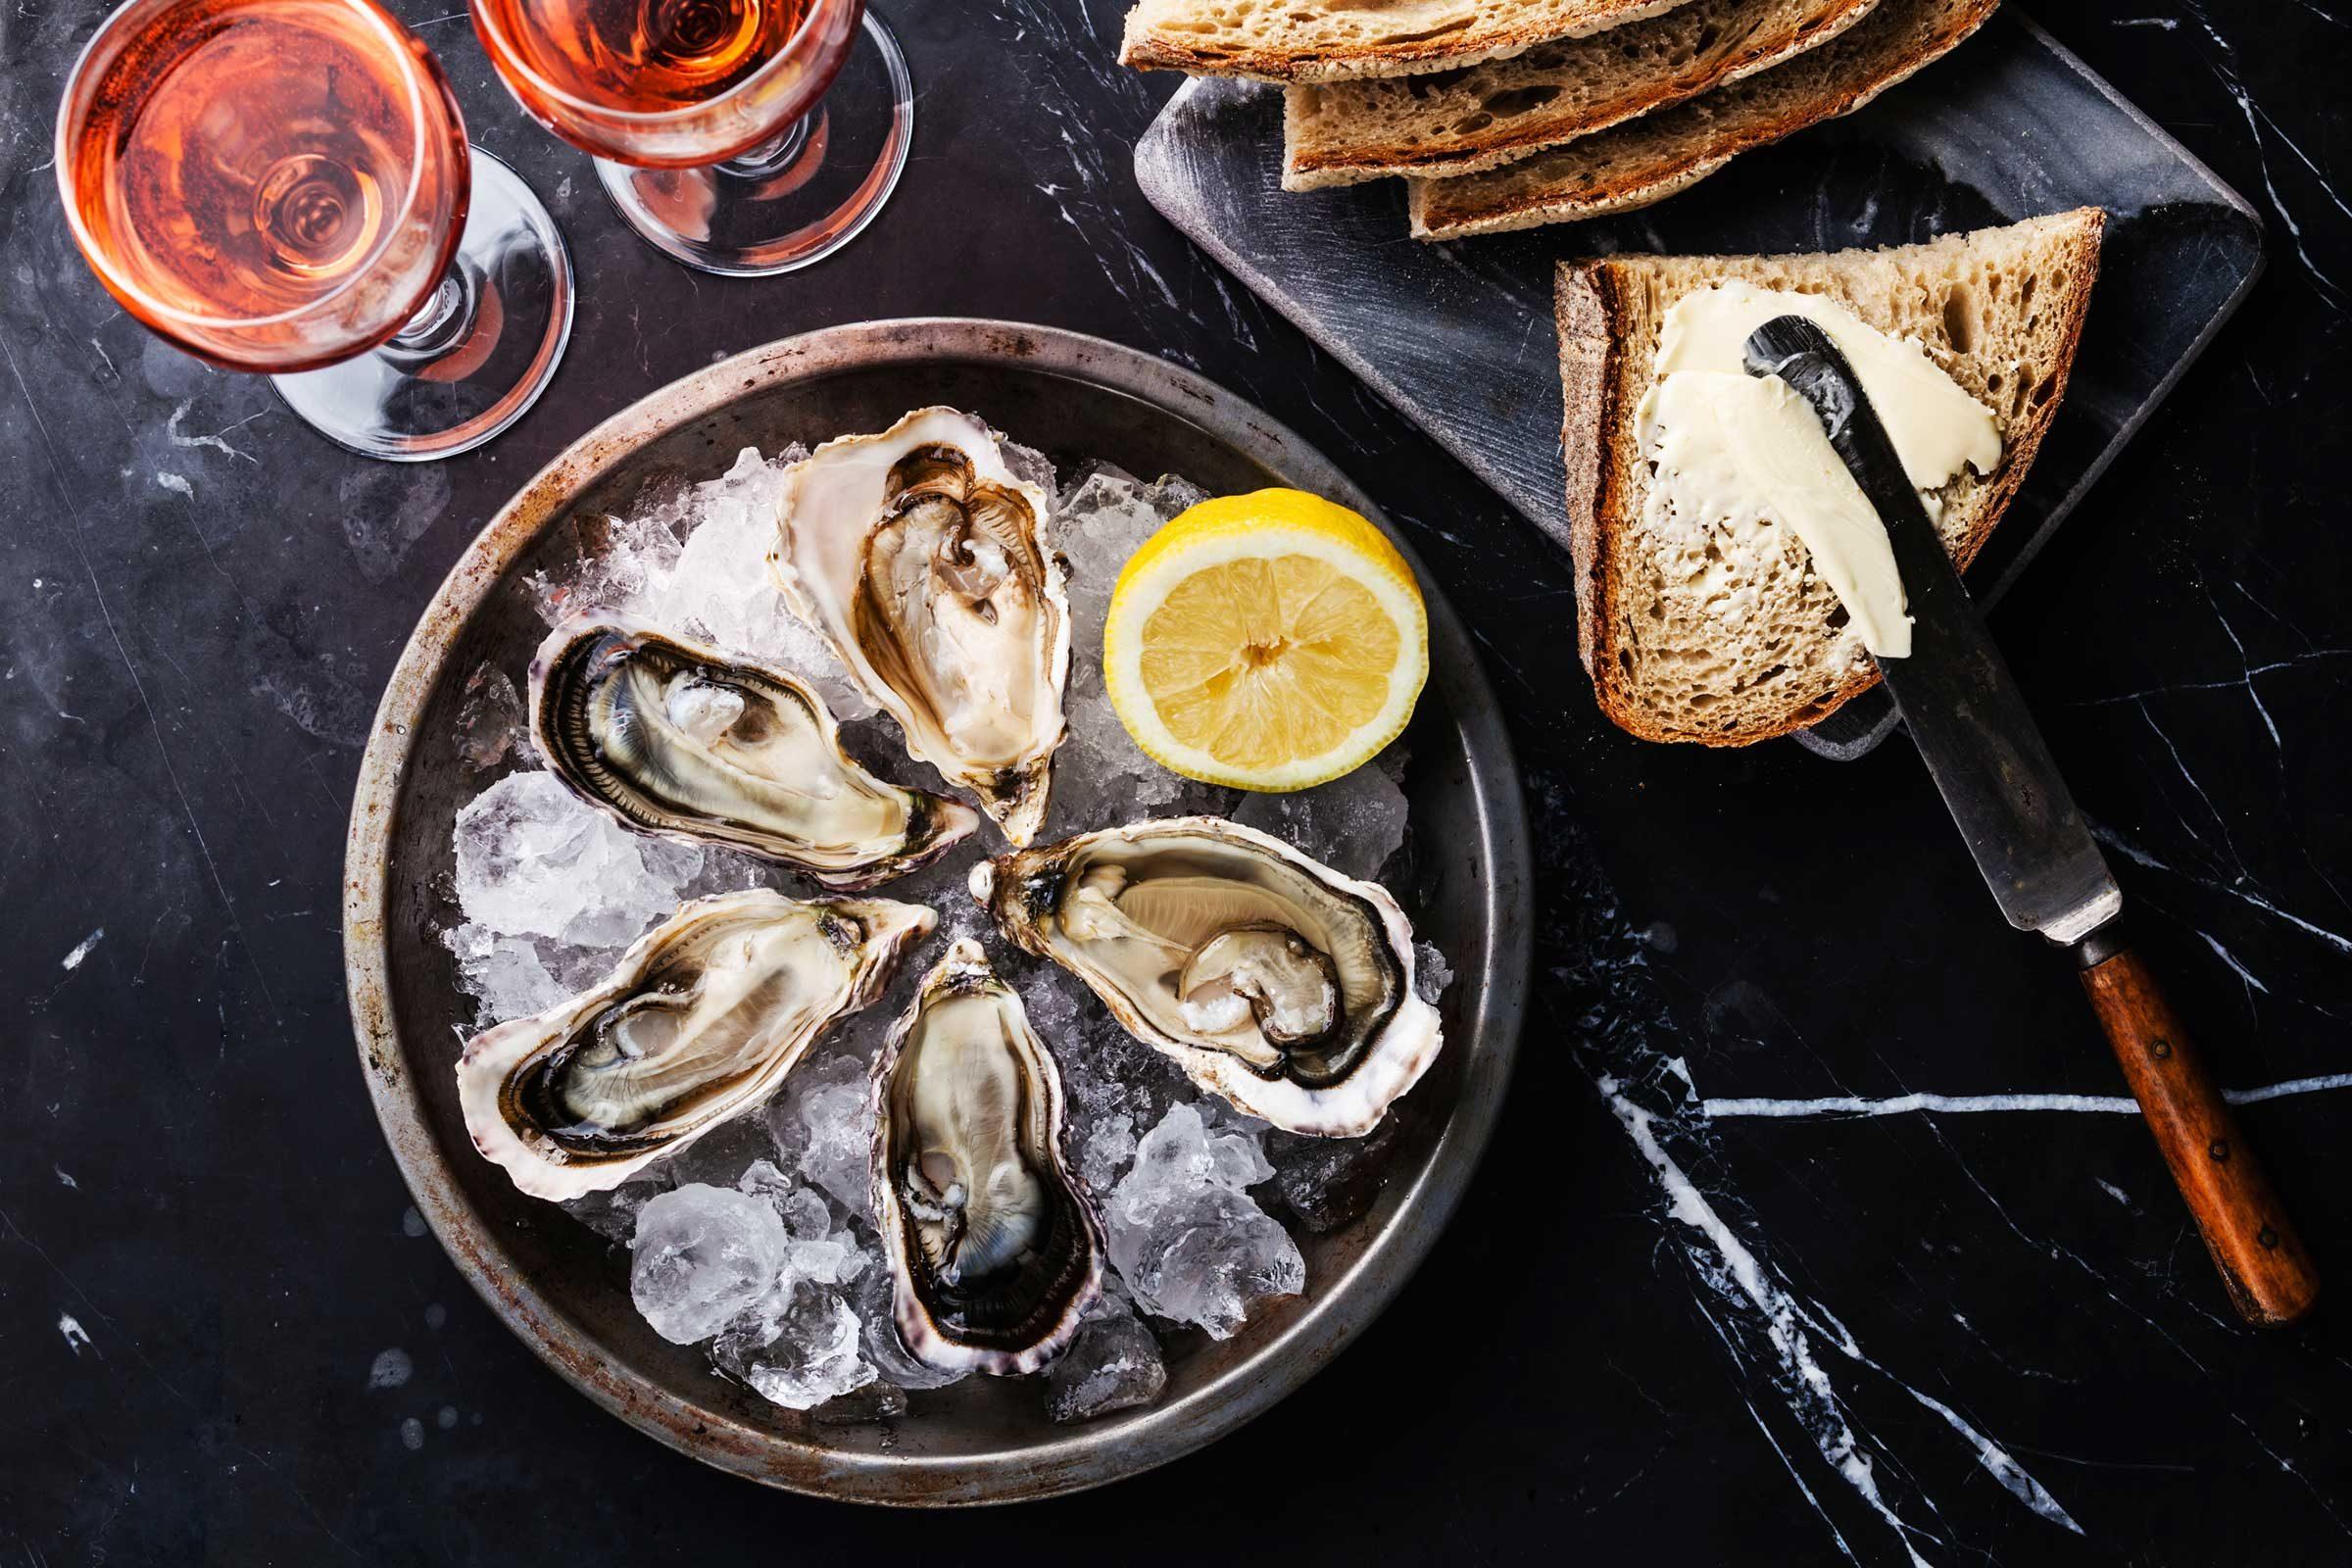 Club soda helps shuck oysters